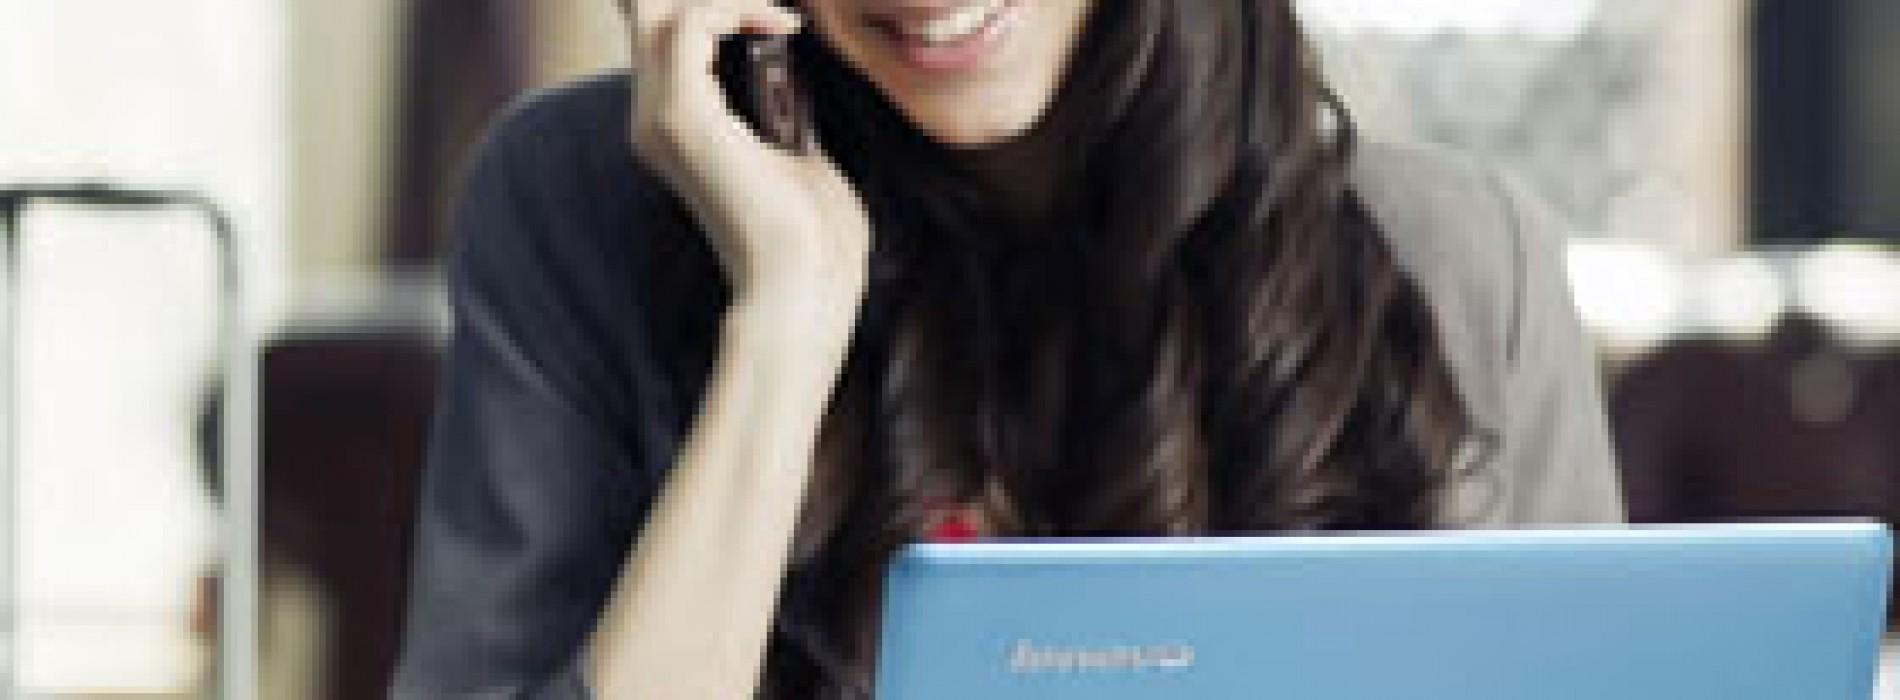 5 características para elegir una laptop